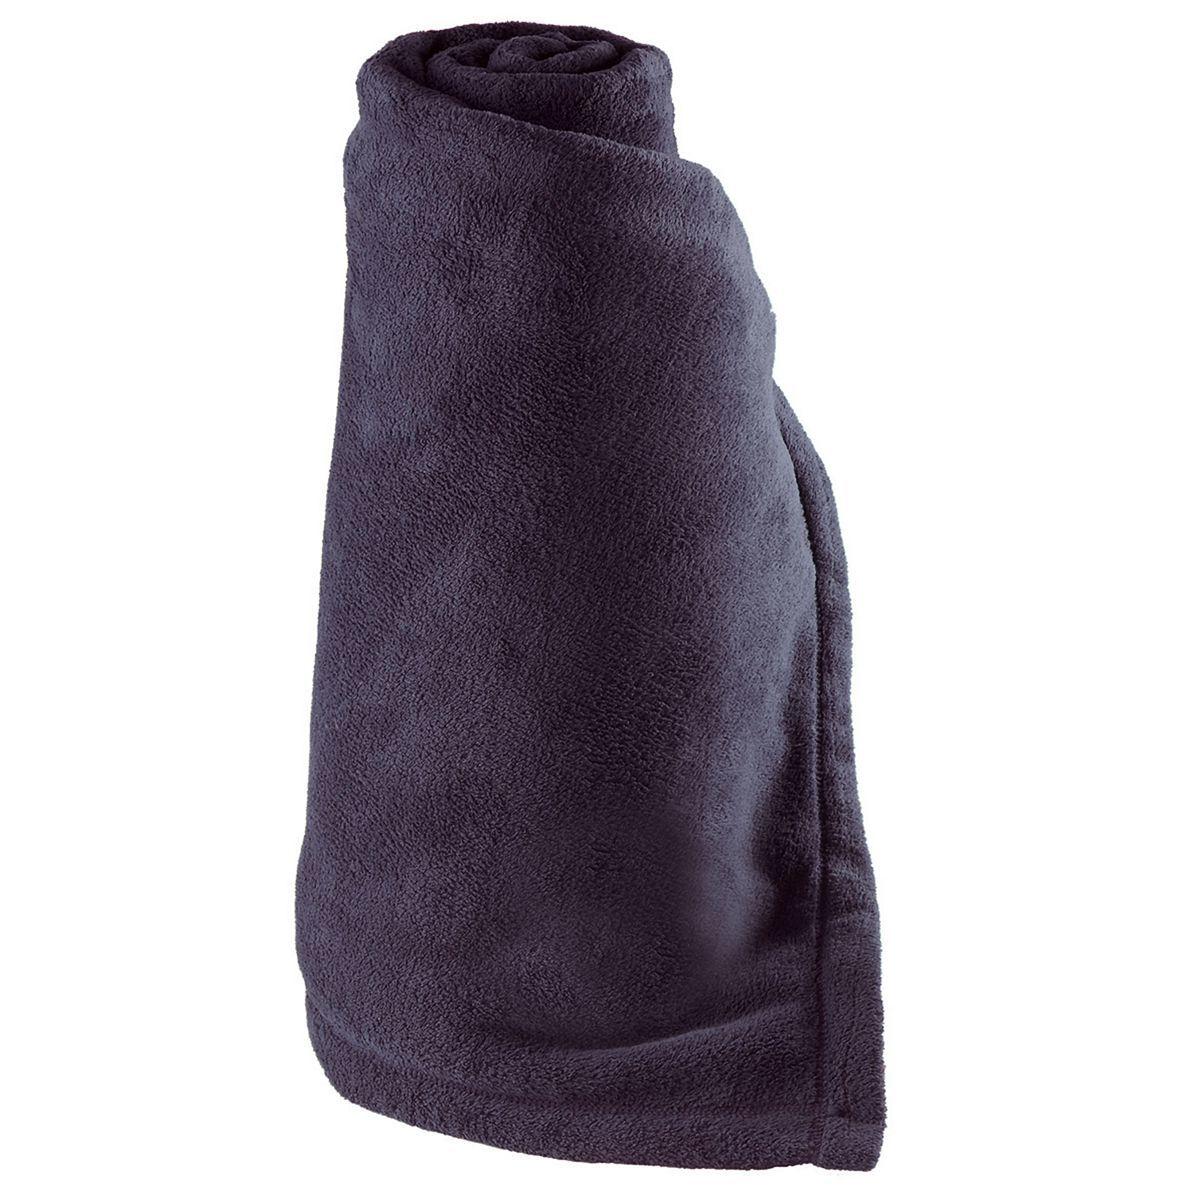 Tailgate Blanket - NAVY